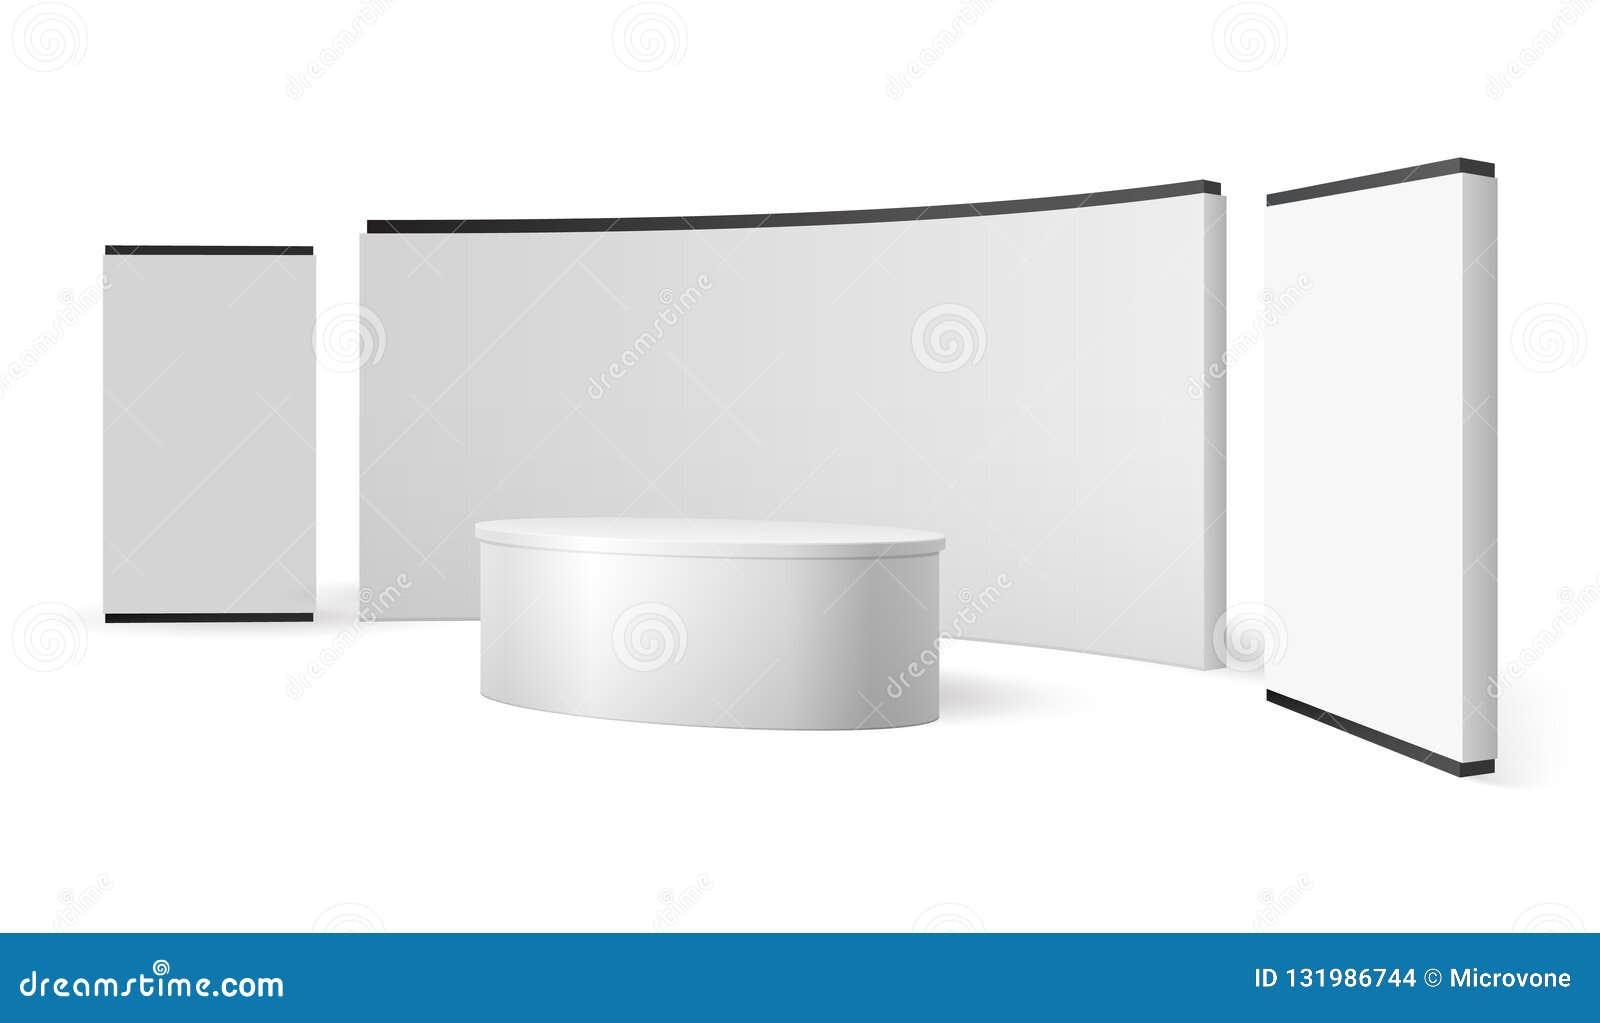 白色陈列立场 空白的商业展览摊增进显示 事件盘区传染媒介3d隔绝了模板